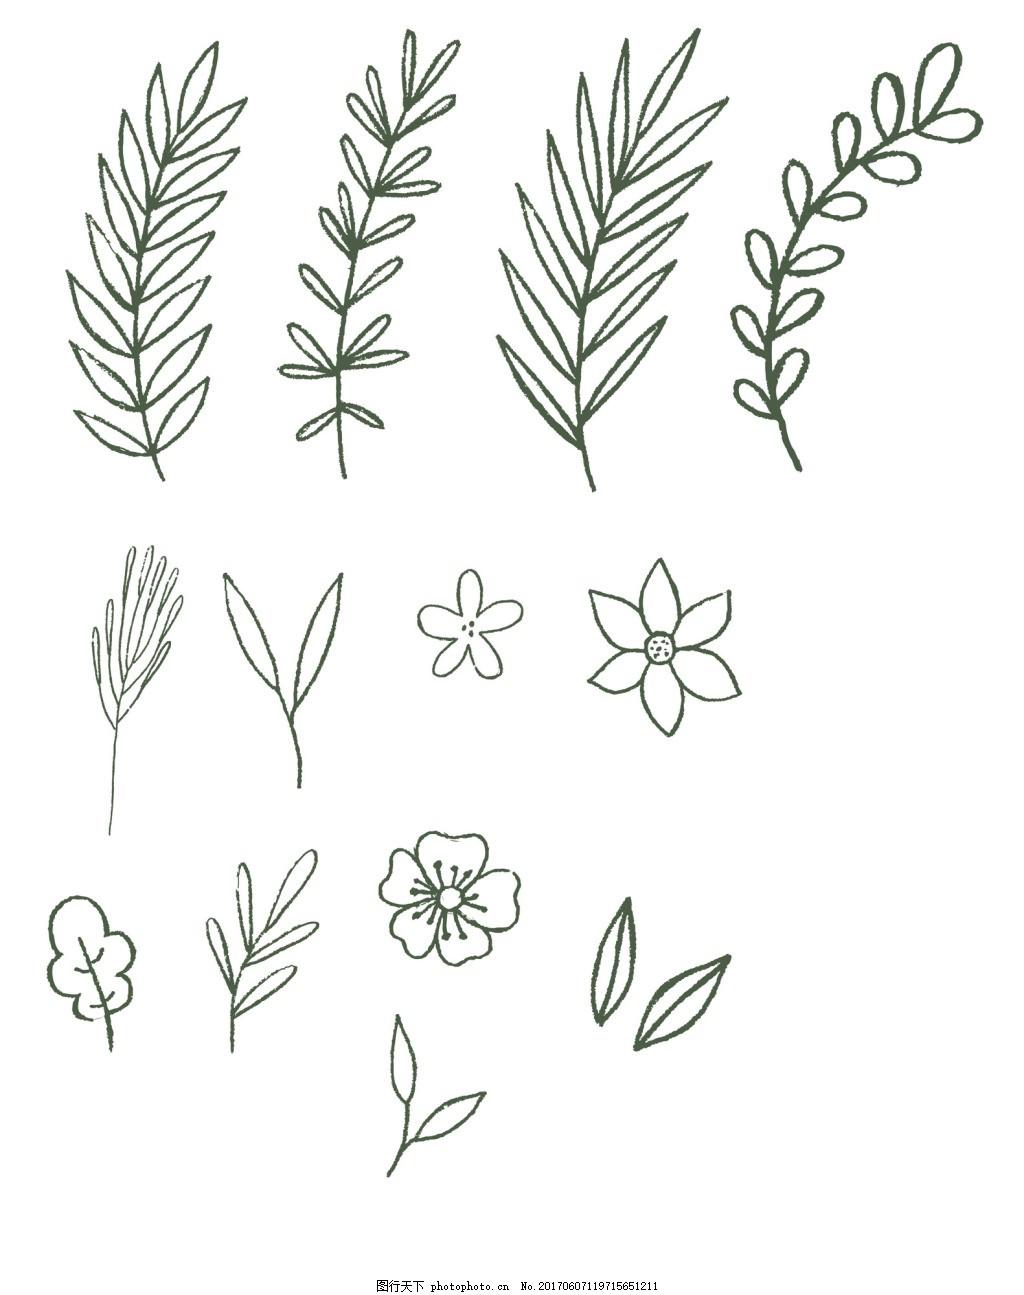 可爱手绘花朵树枝矢量设计素材 黑白 线稿 装饰 卡通 合集